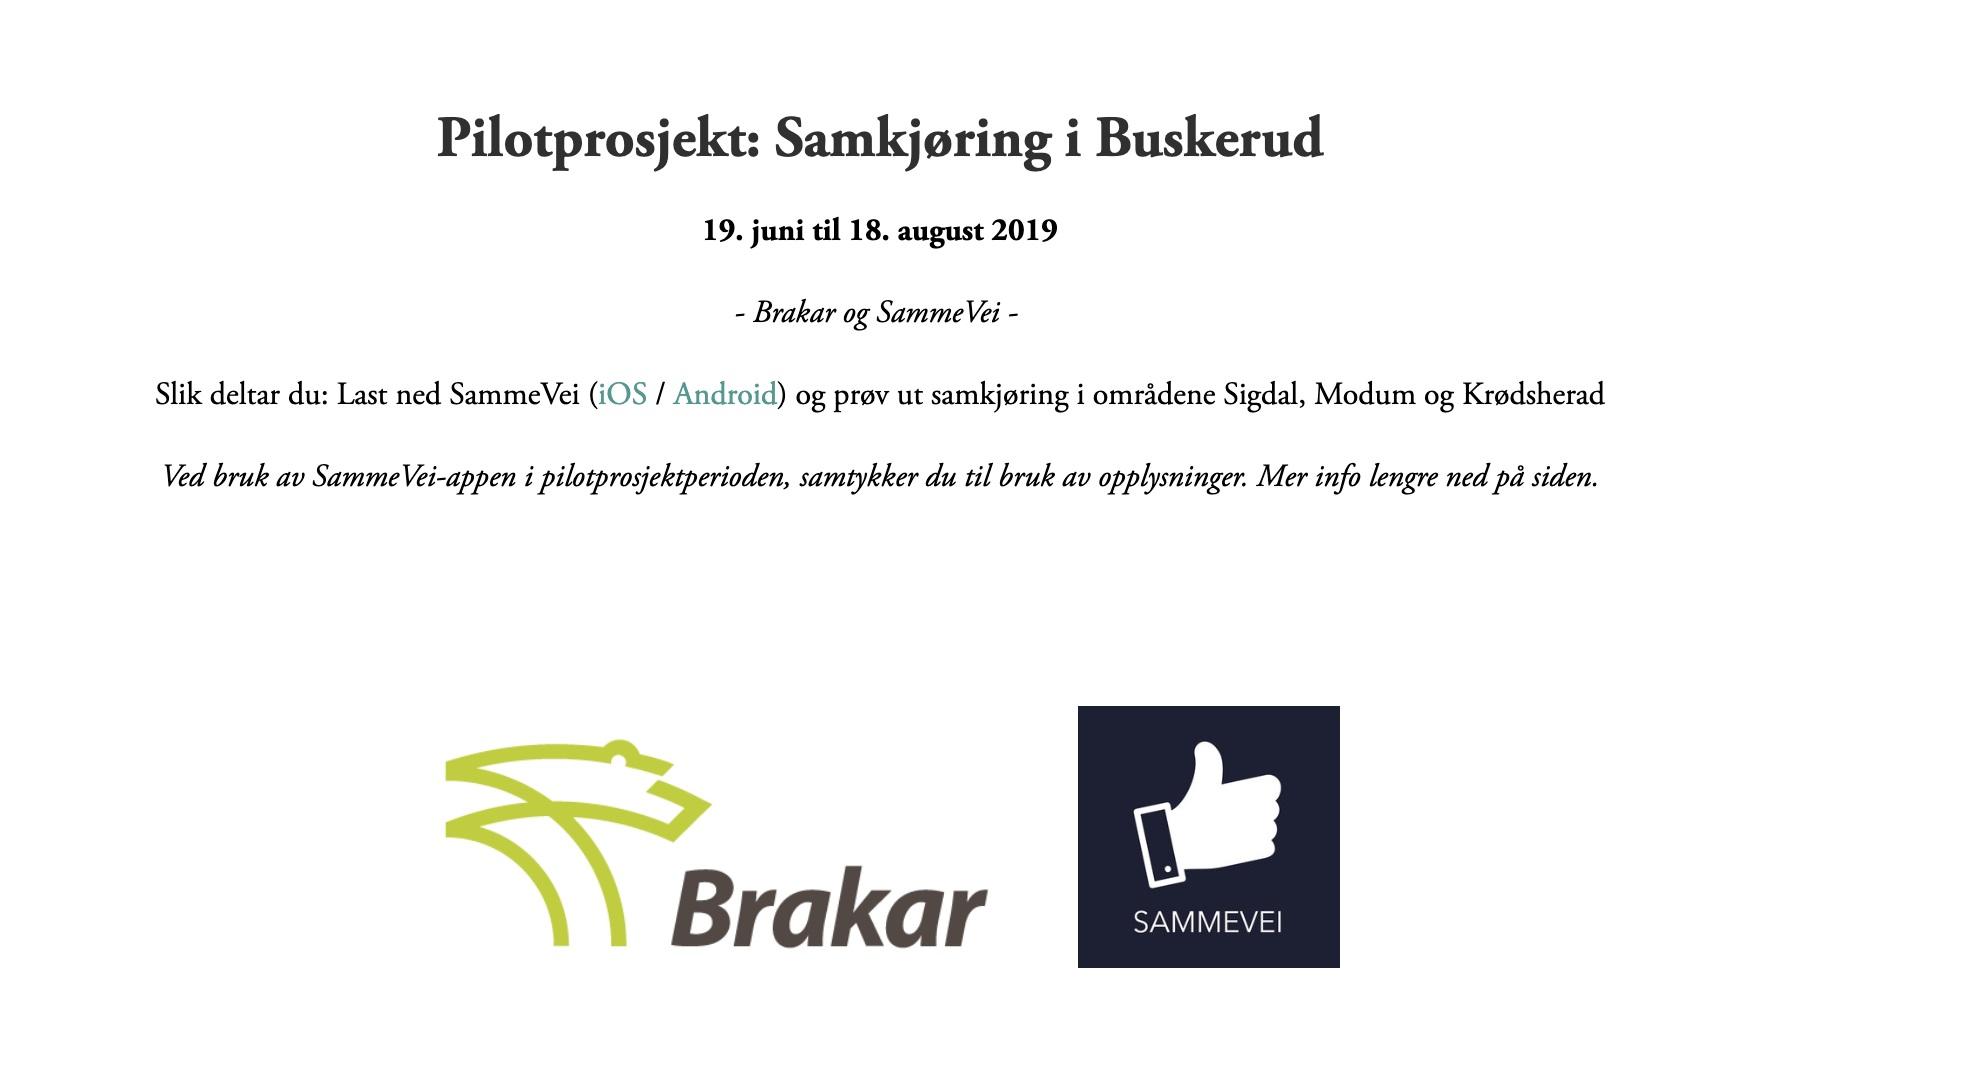 Brakar - 19.06. til 18.08.2019